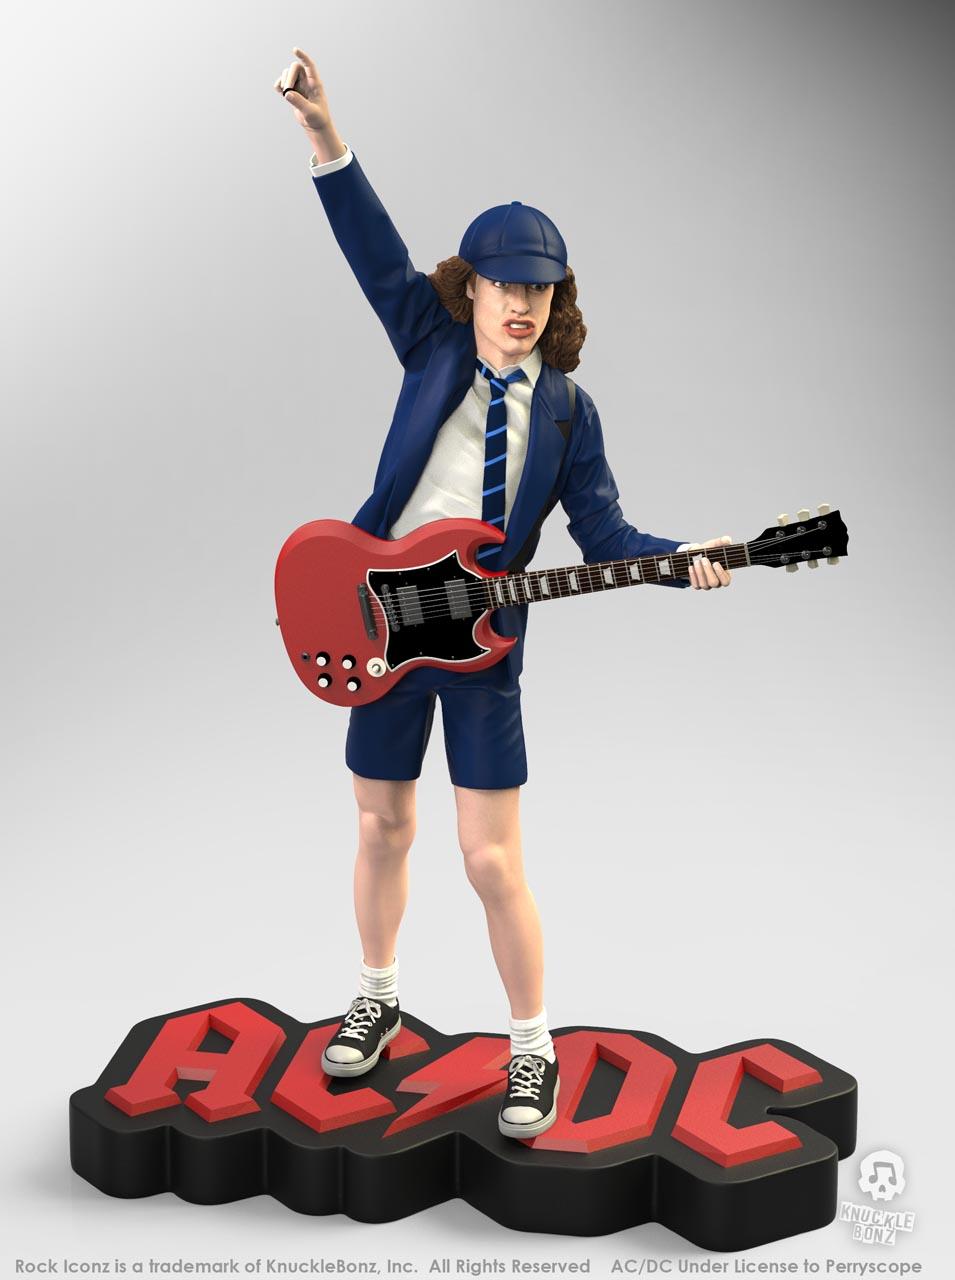 La nouvelle statue d'ANGUS YOUNG 'Rock Iconz' bientôt disponible Angus-10